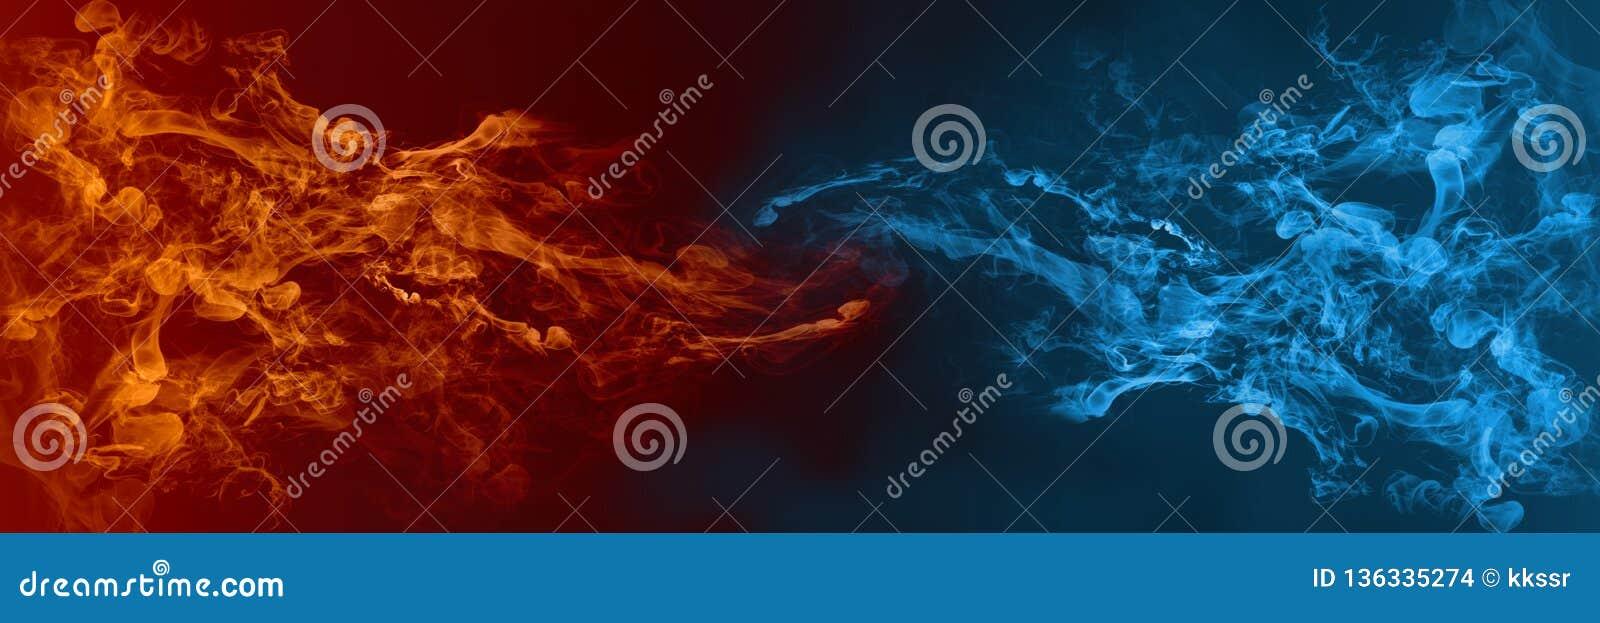 Elemento abstrato do fogo e do gelo contra contra se fundo Calor e conceito frio